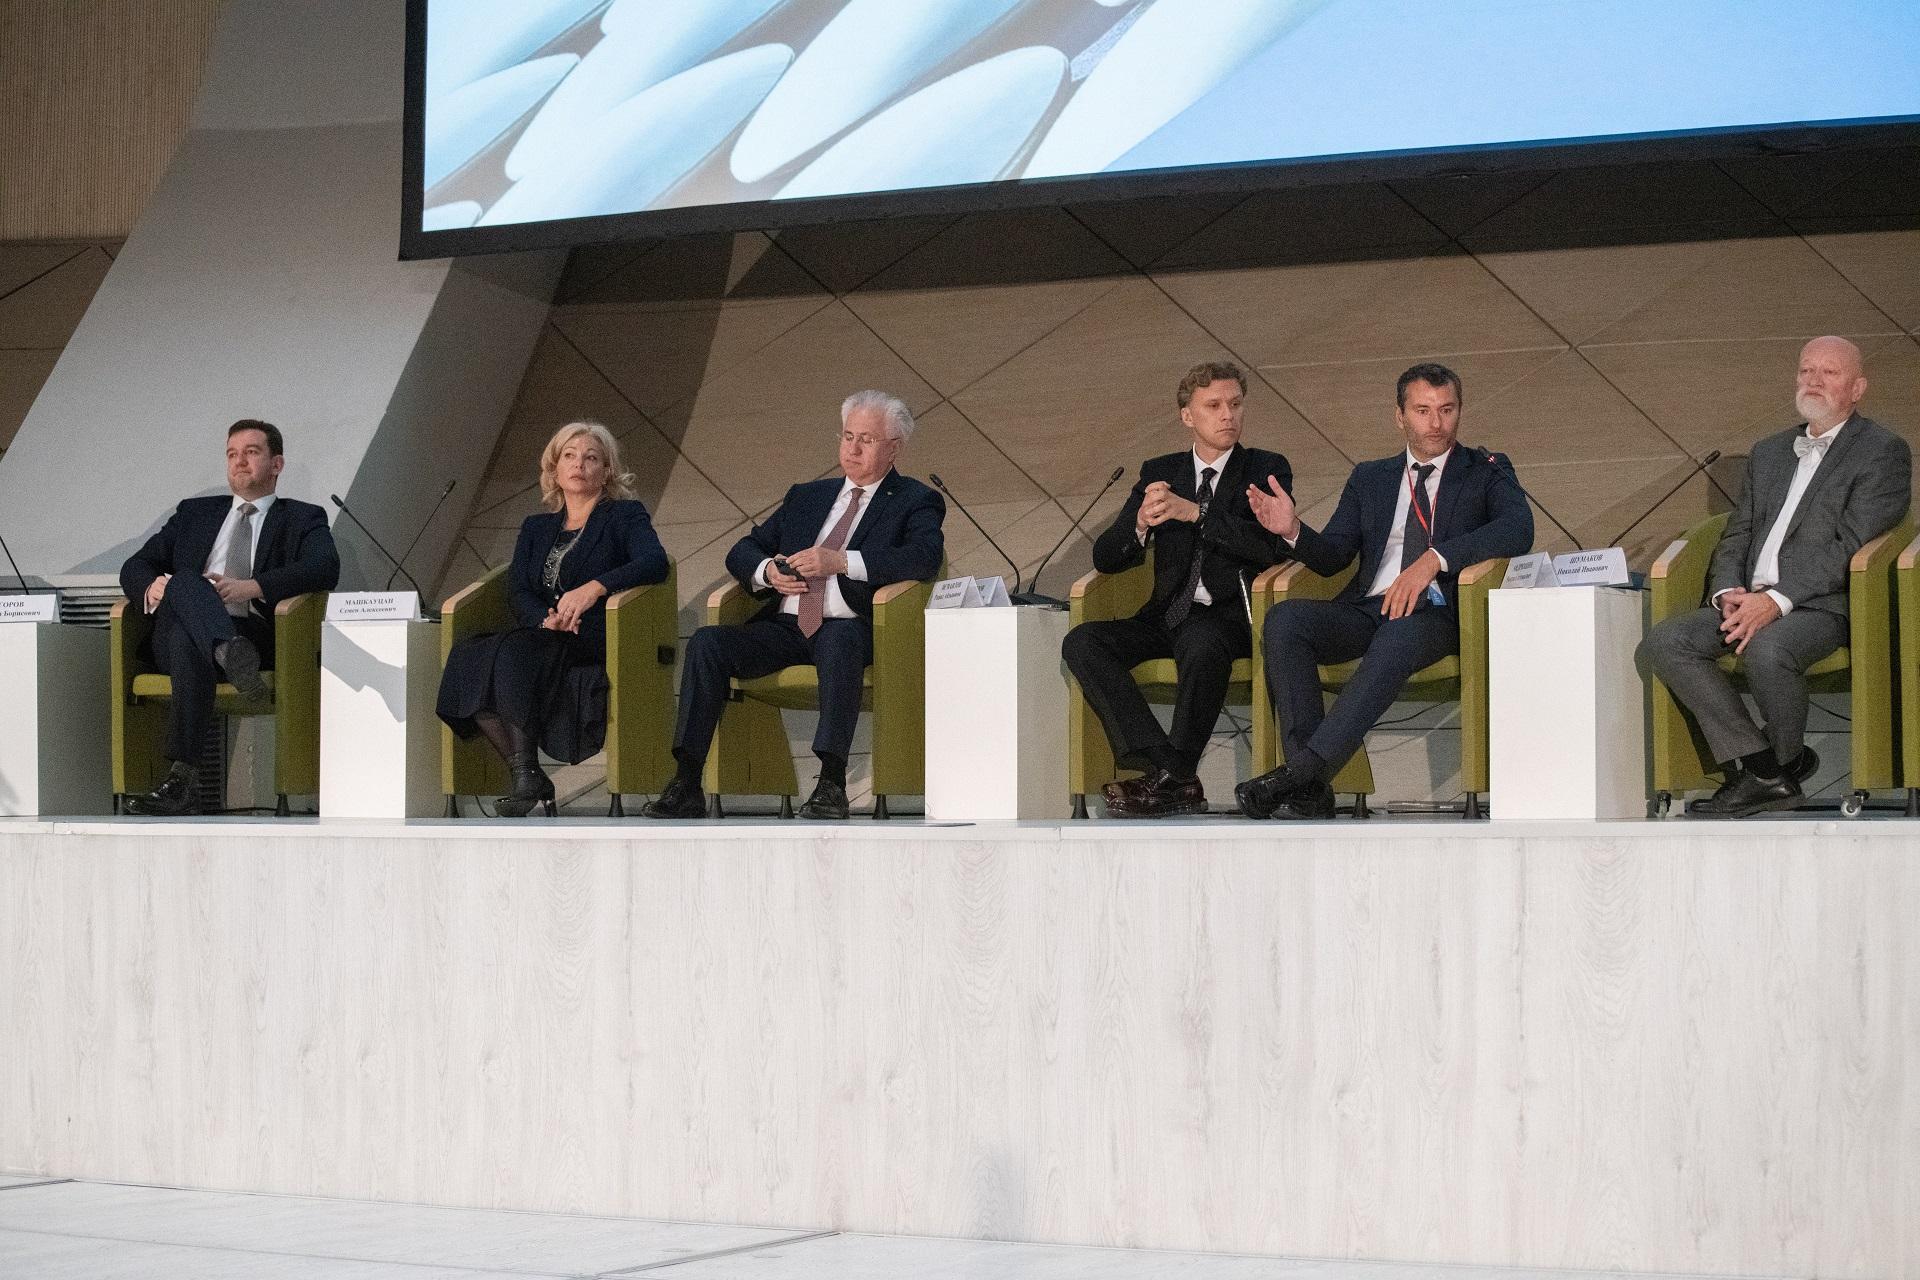 Рашид Исмаилов: механизм «зеленых закупок» – критически важный вклад в реализацию долгосрочных отраслевых планов низкоуглеродного развития